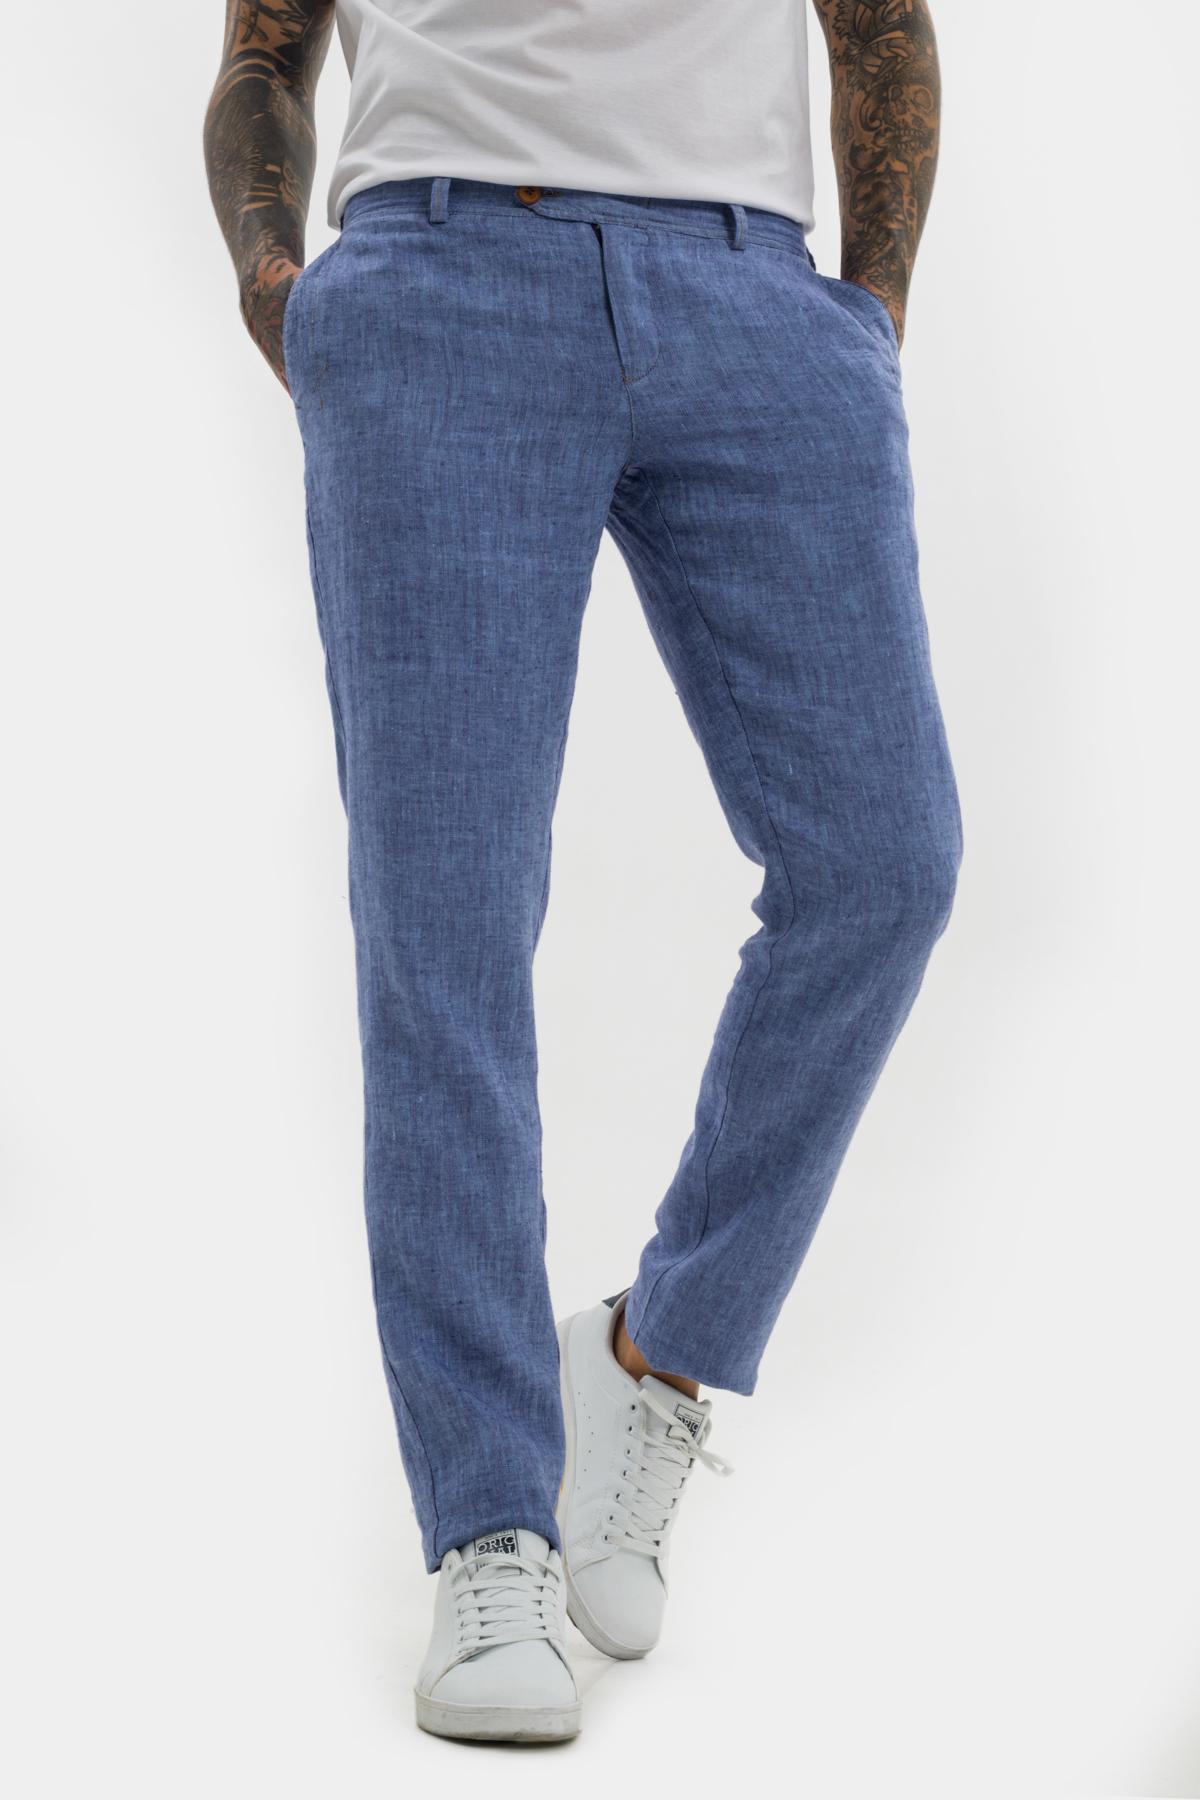 Зауженные брюки «chinos»,  изо льна.  Vaismann  21501